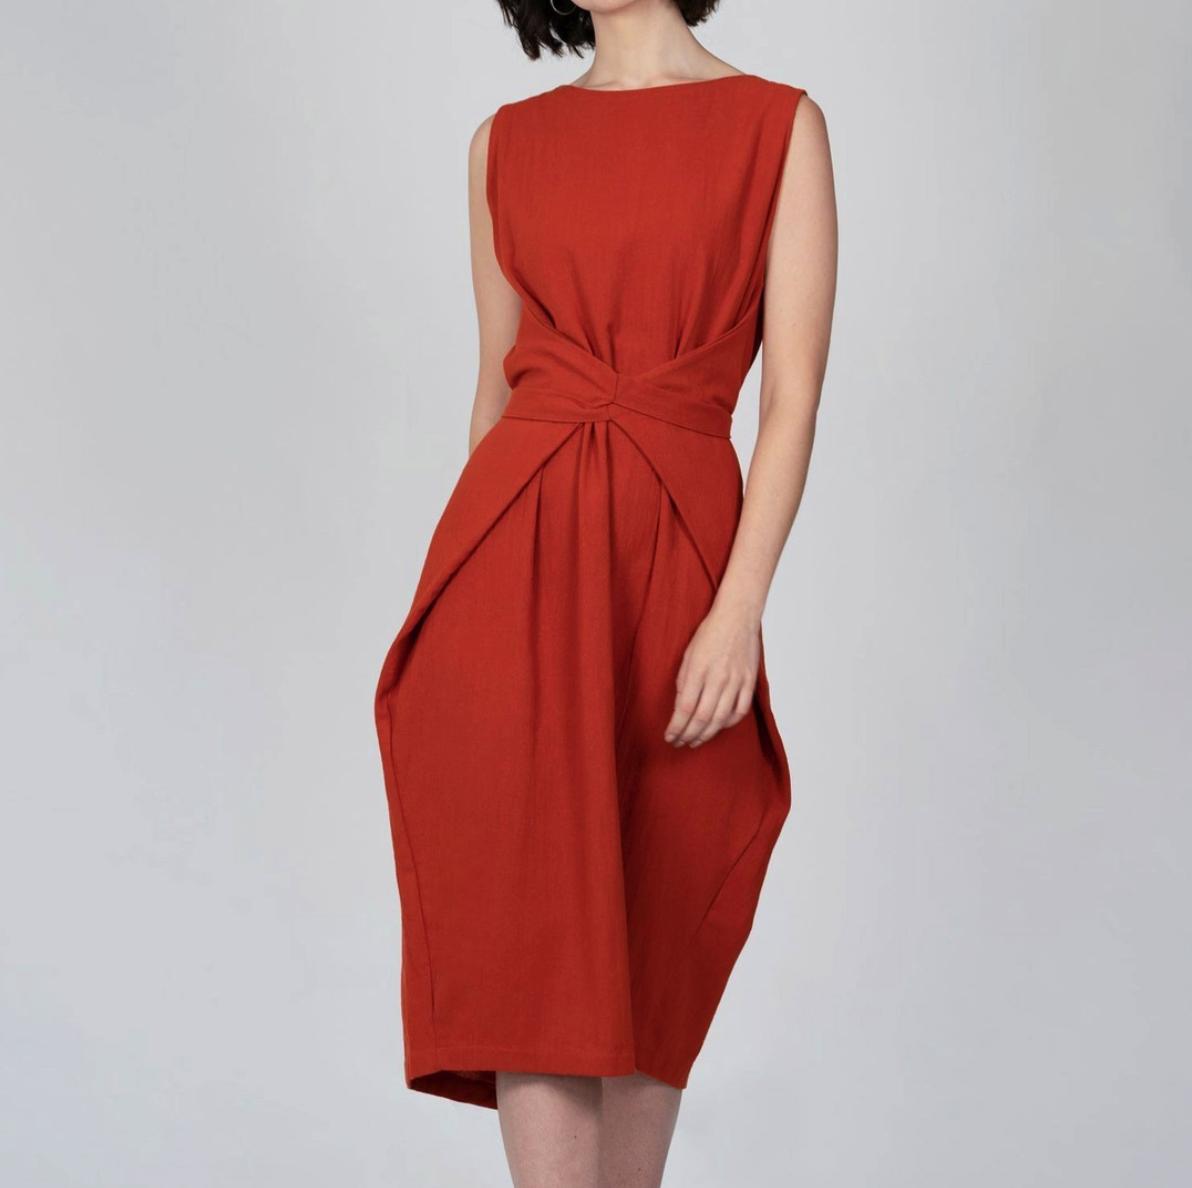 Cherlyn Clothing